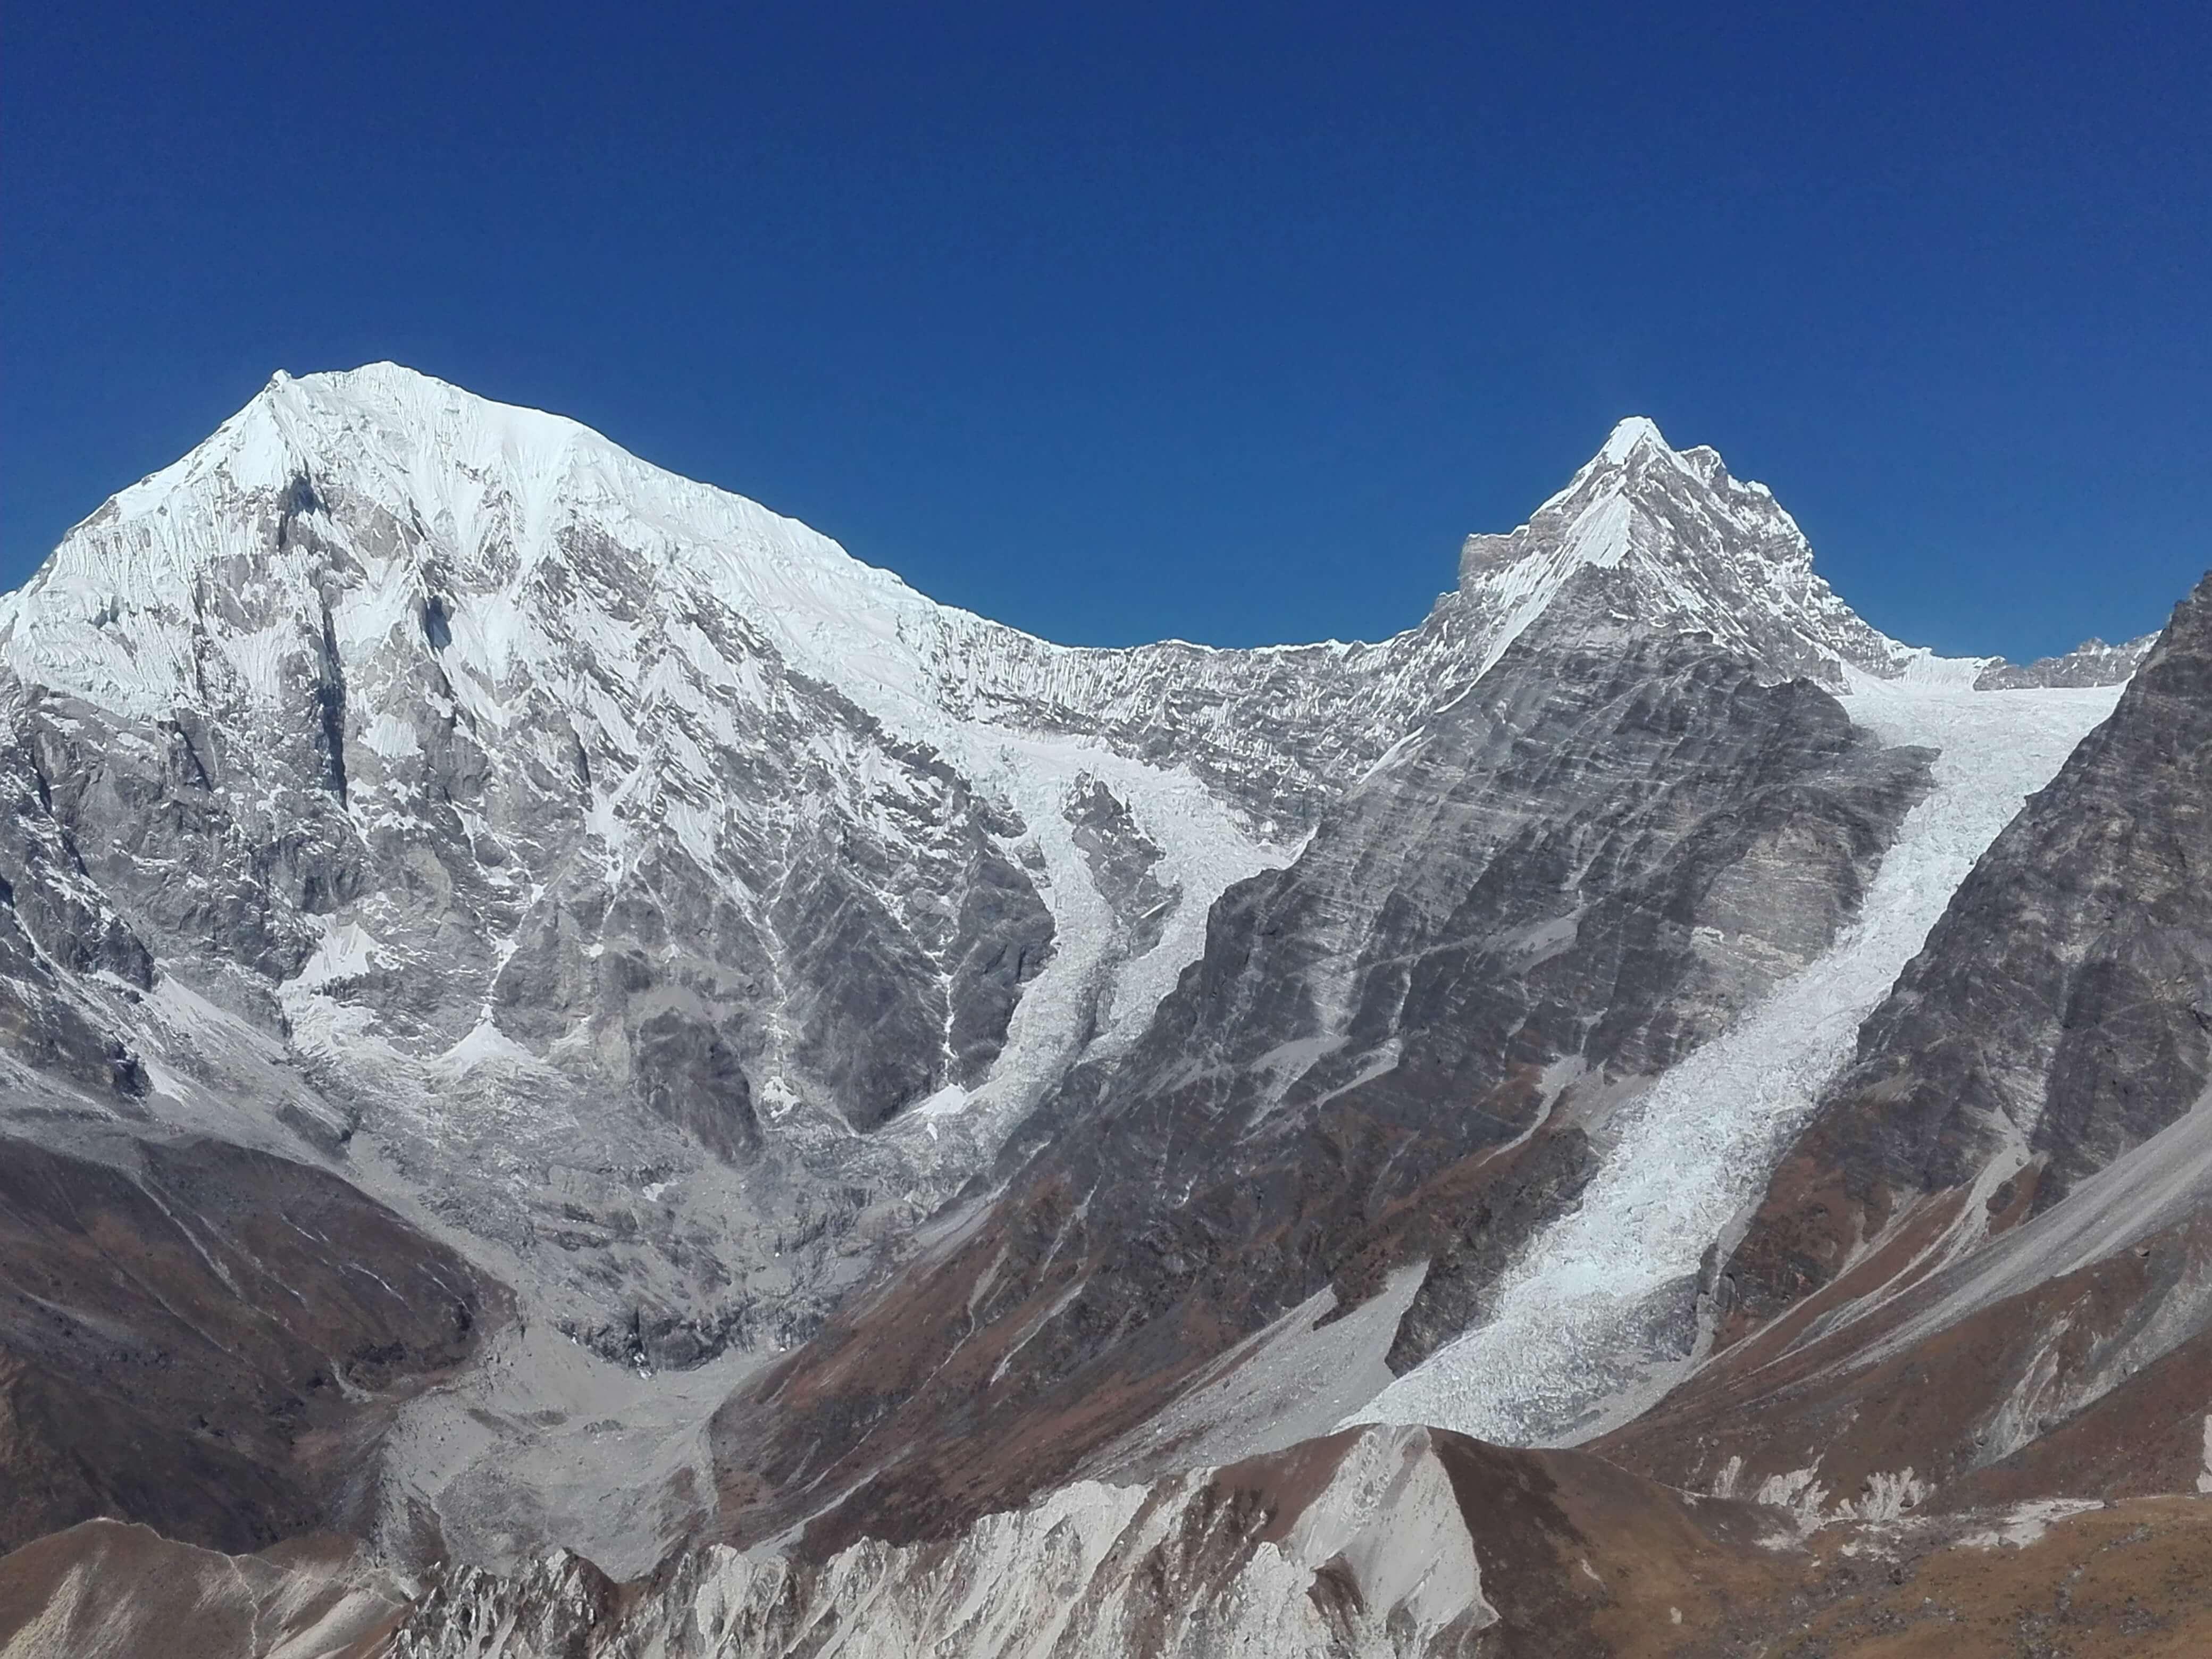 Langtang Lirung and Yubra Himal